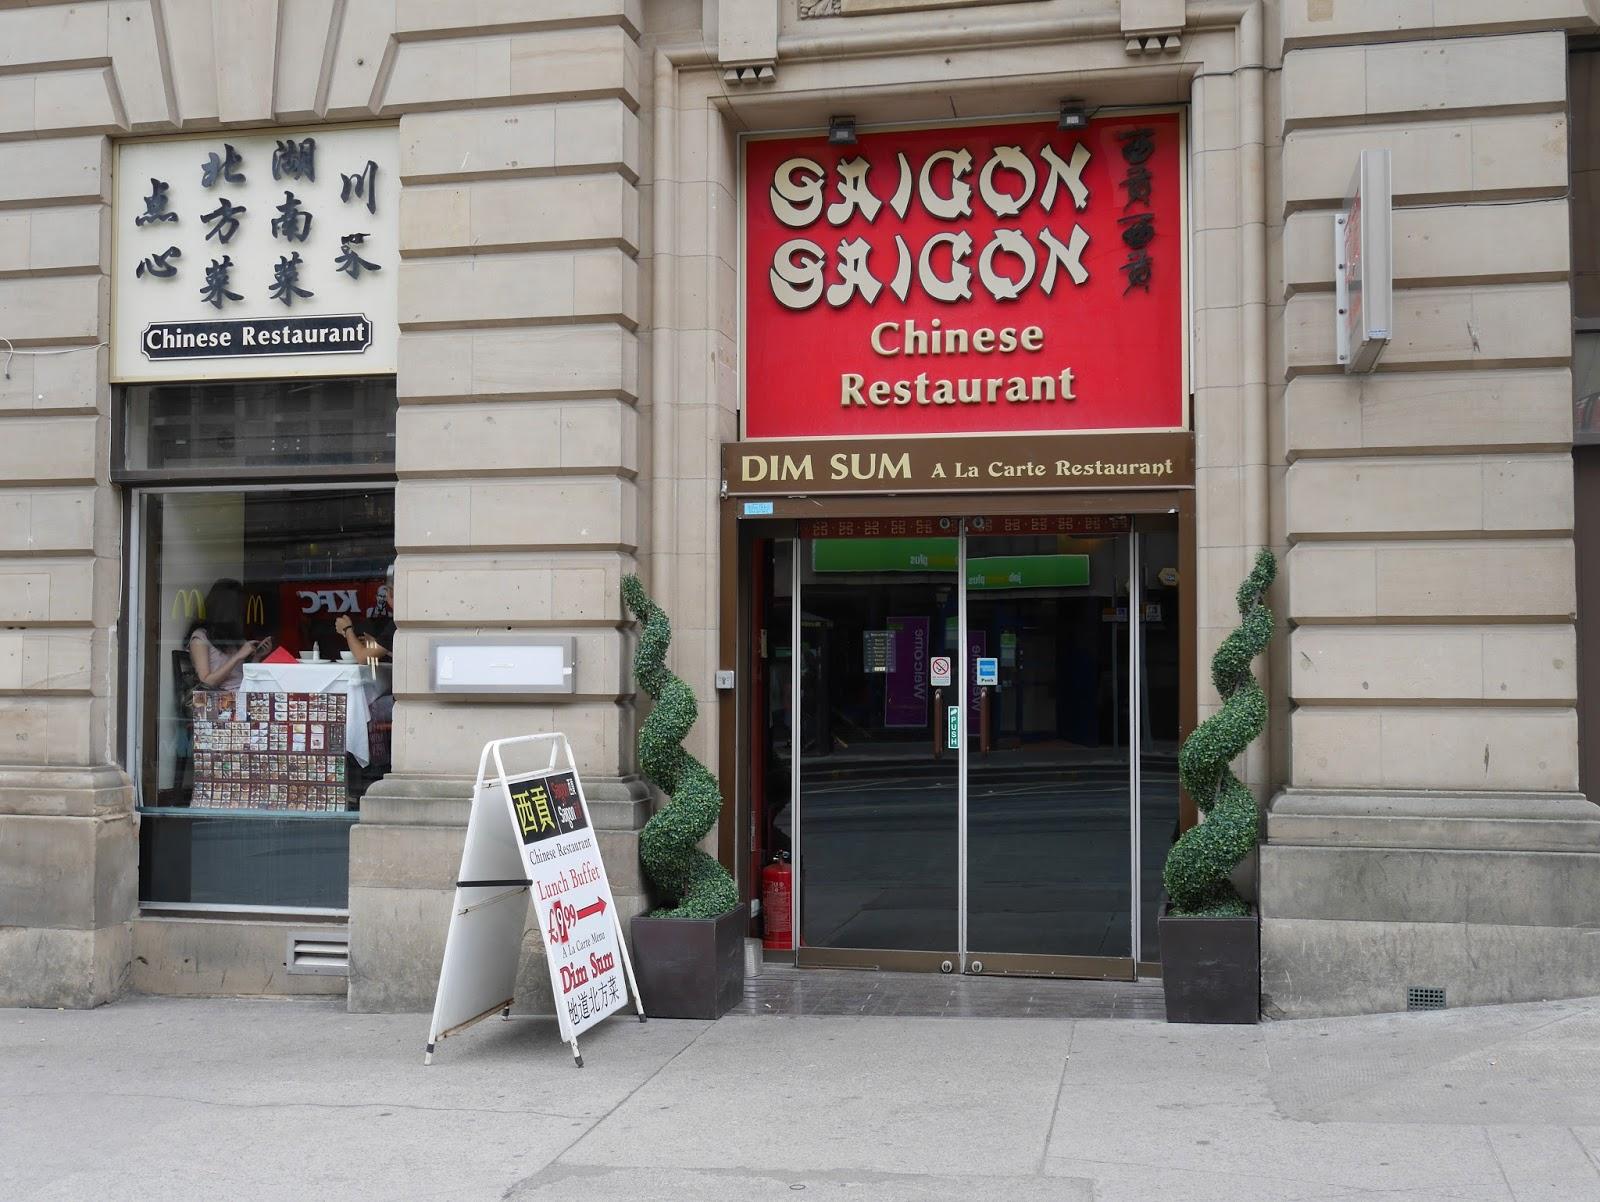 Saigon Saigon